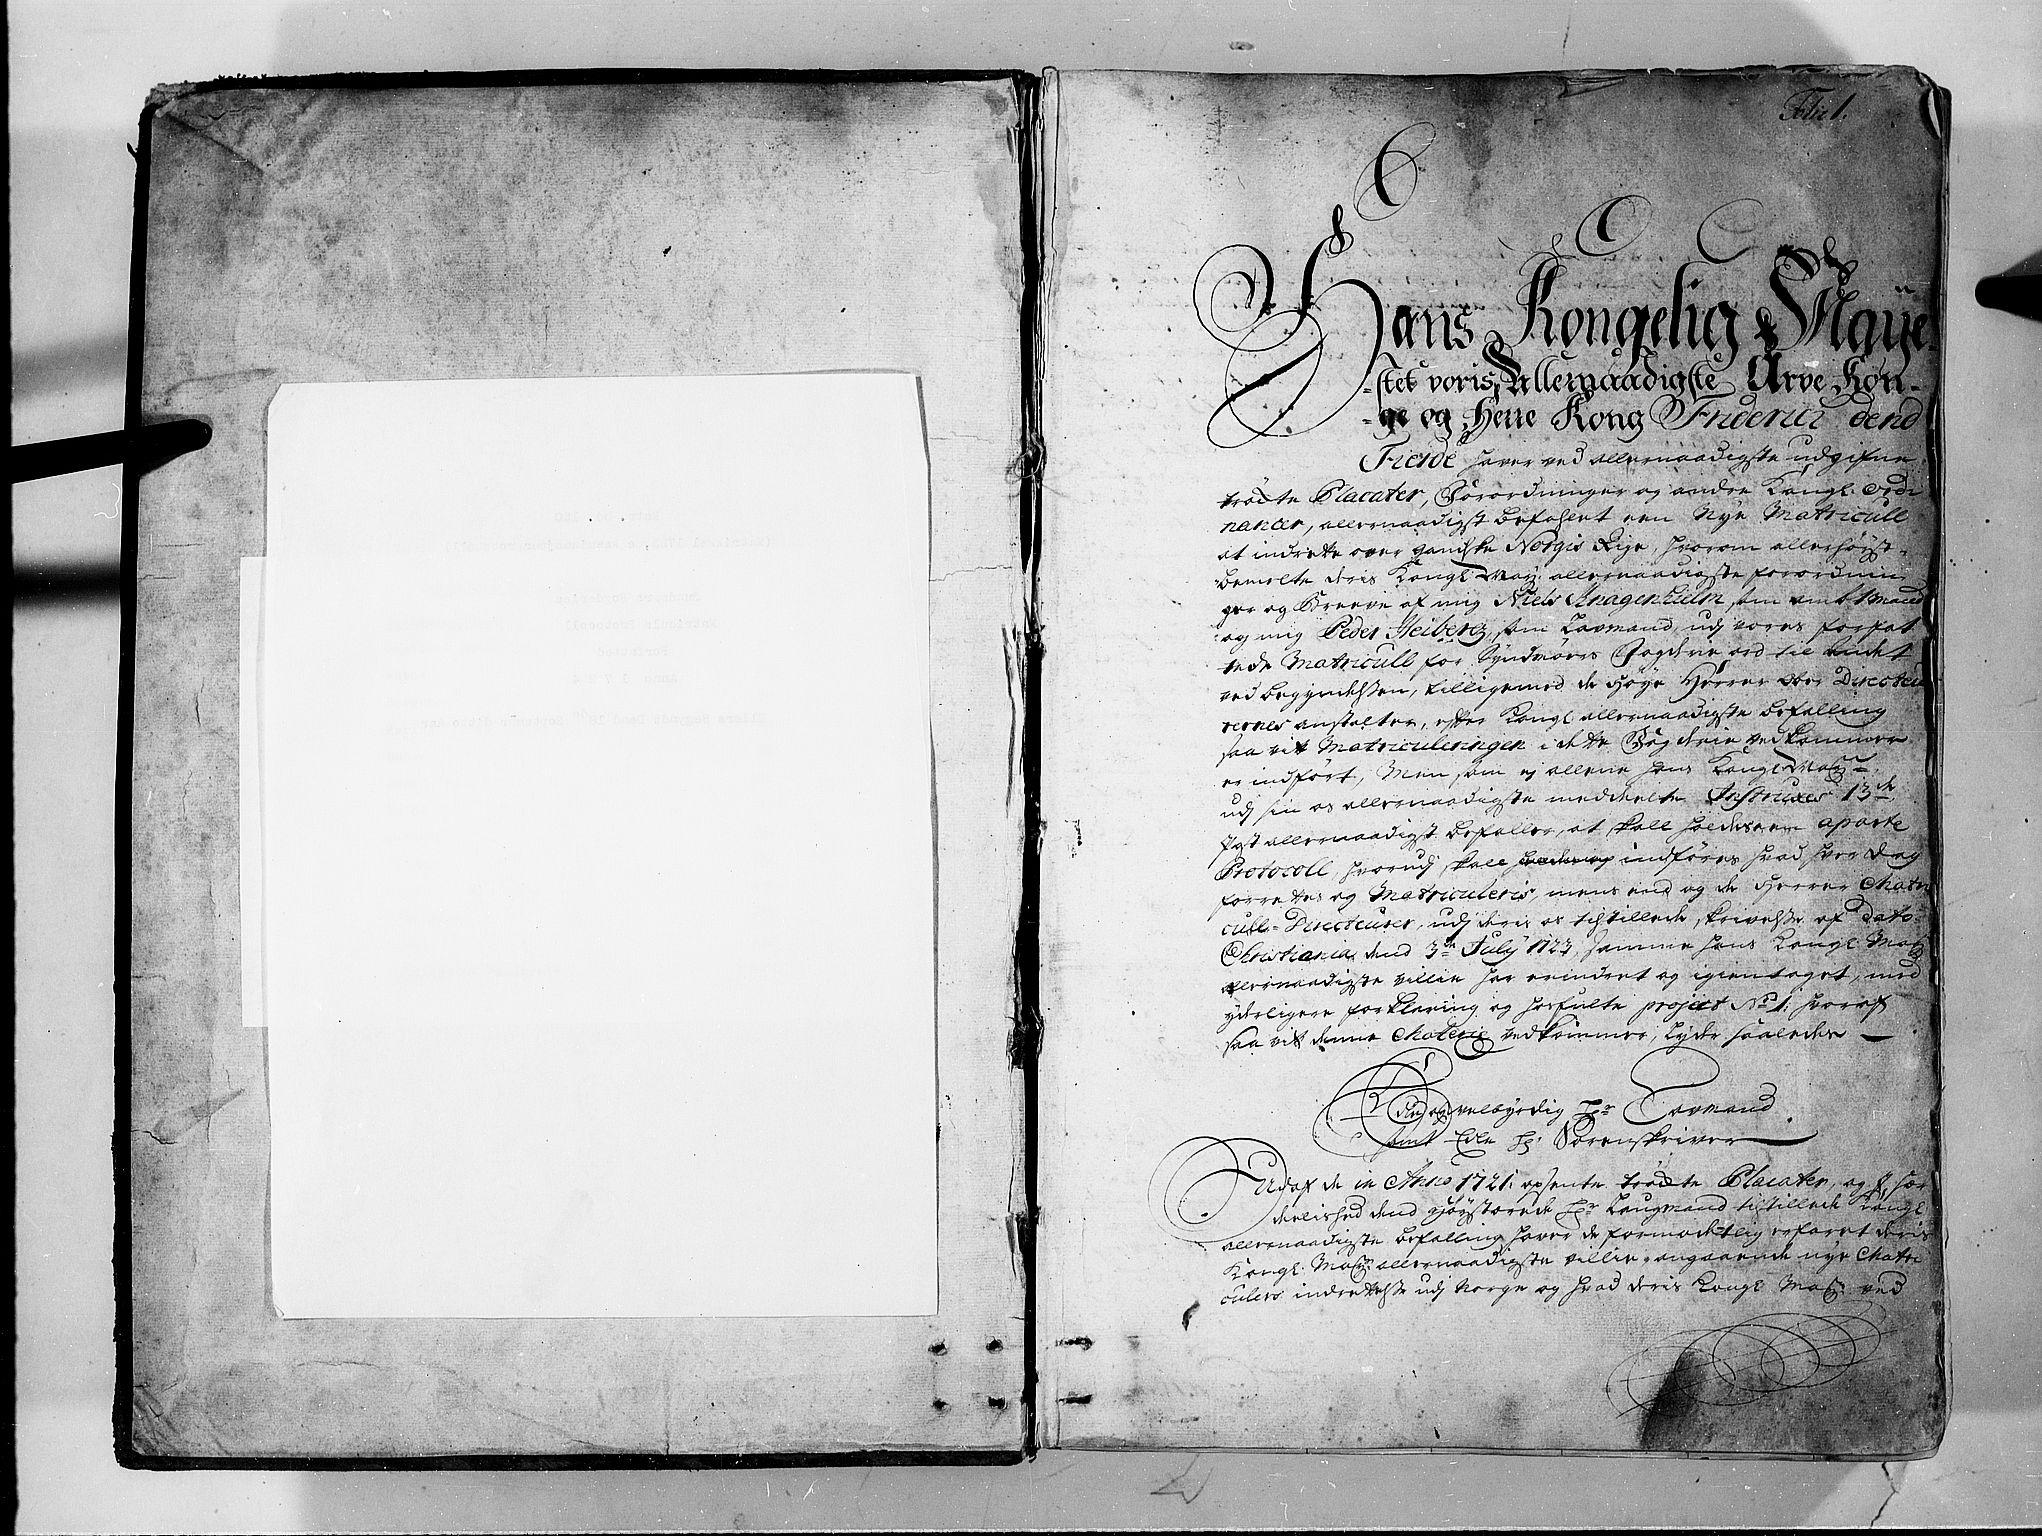 RA, Rentekammeret inntil 1814, Realistisk ordnet avdeling, N/Nb/Nbf/L0150: Sunnmøre eksaminasjonsprotokoll, 1724, s. 1a